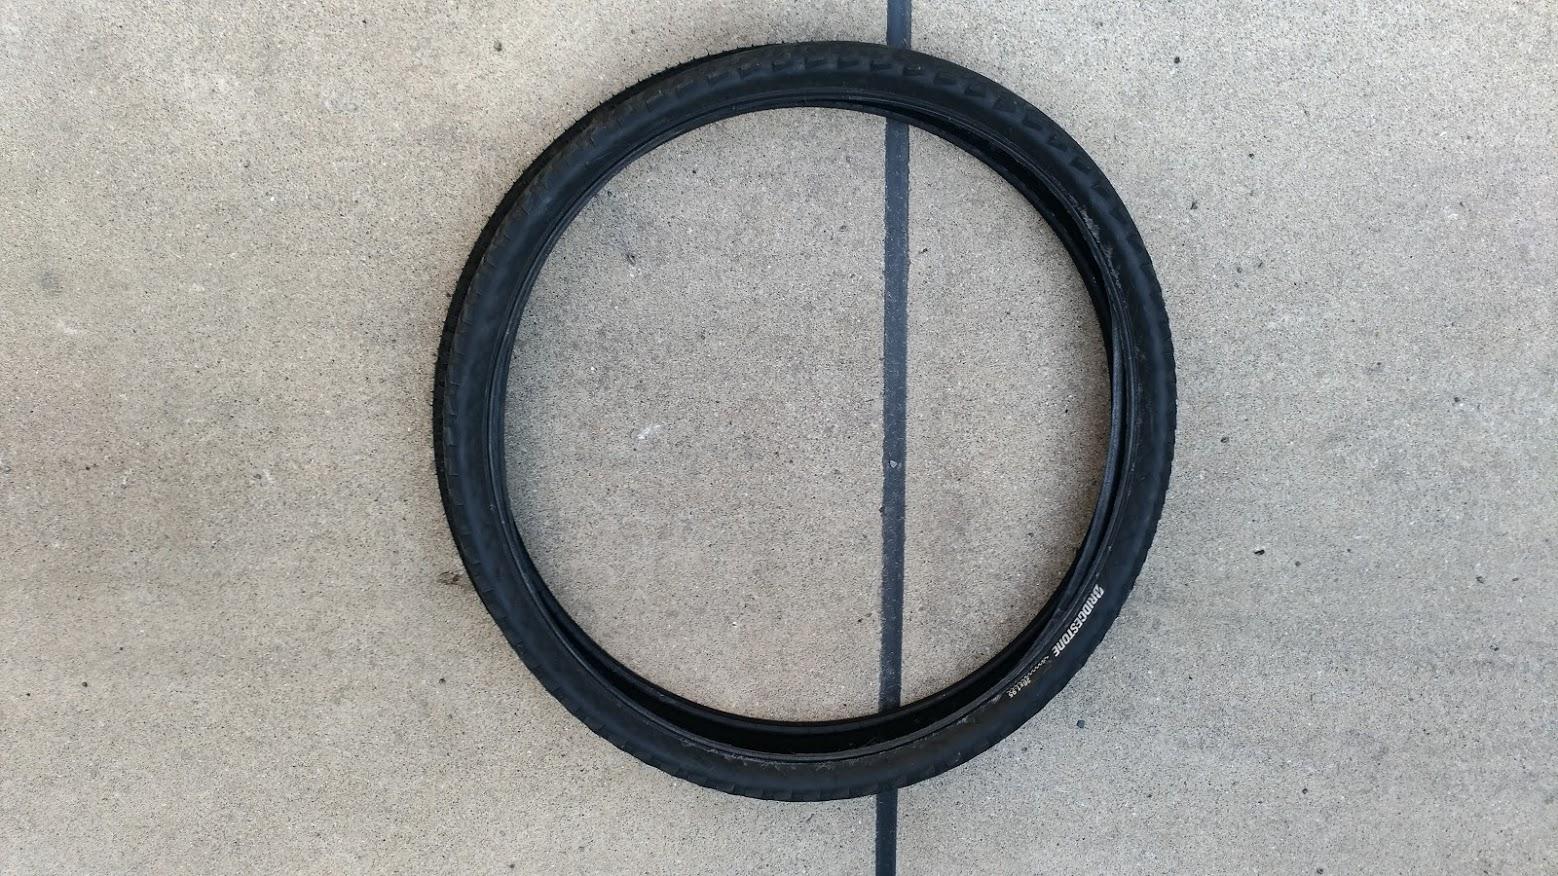 ブリヂストン hydee2 子供電動自転車 パンク タイヤ交換 -11-